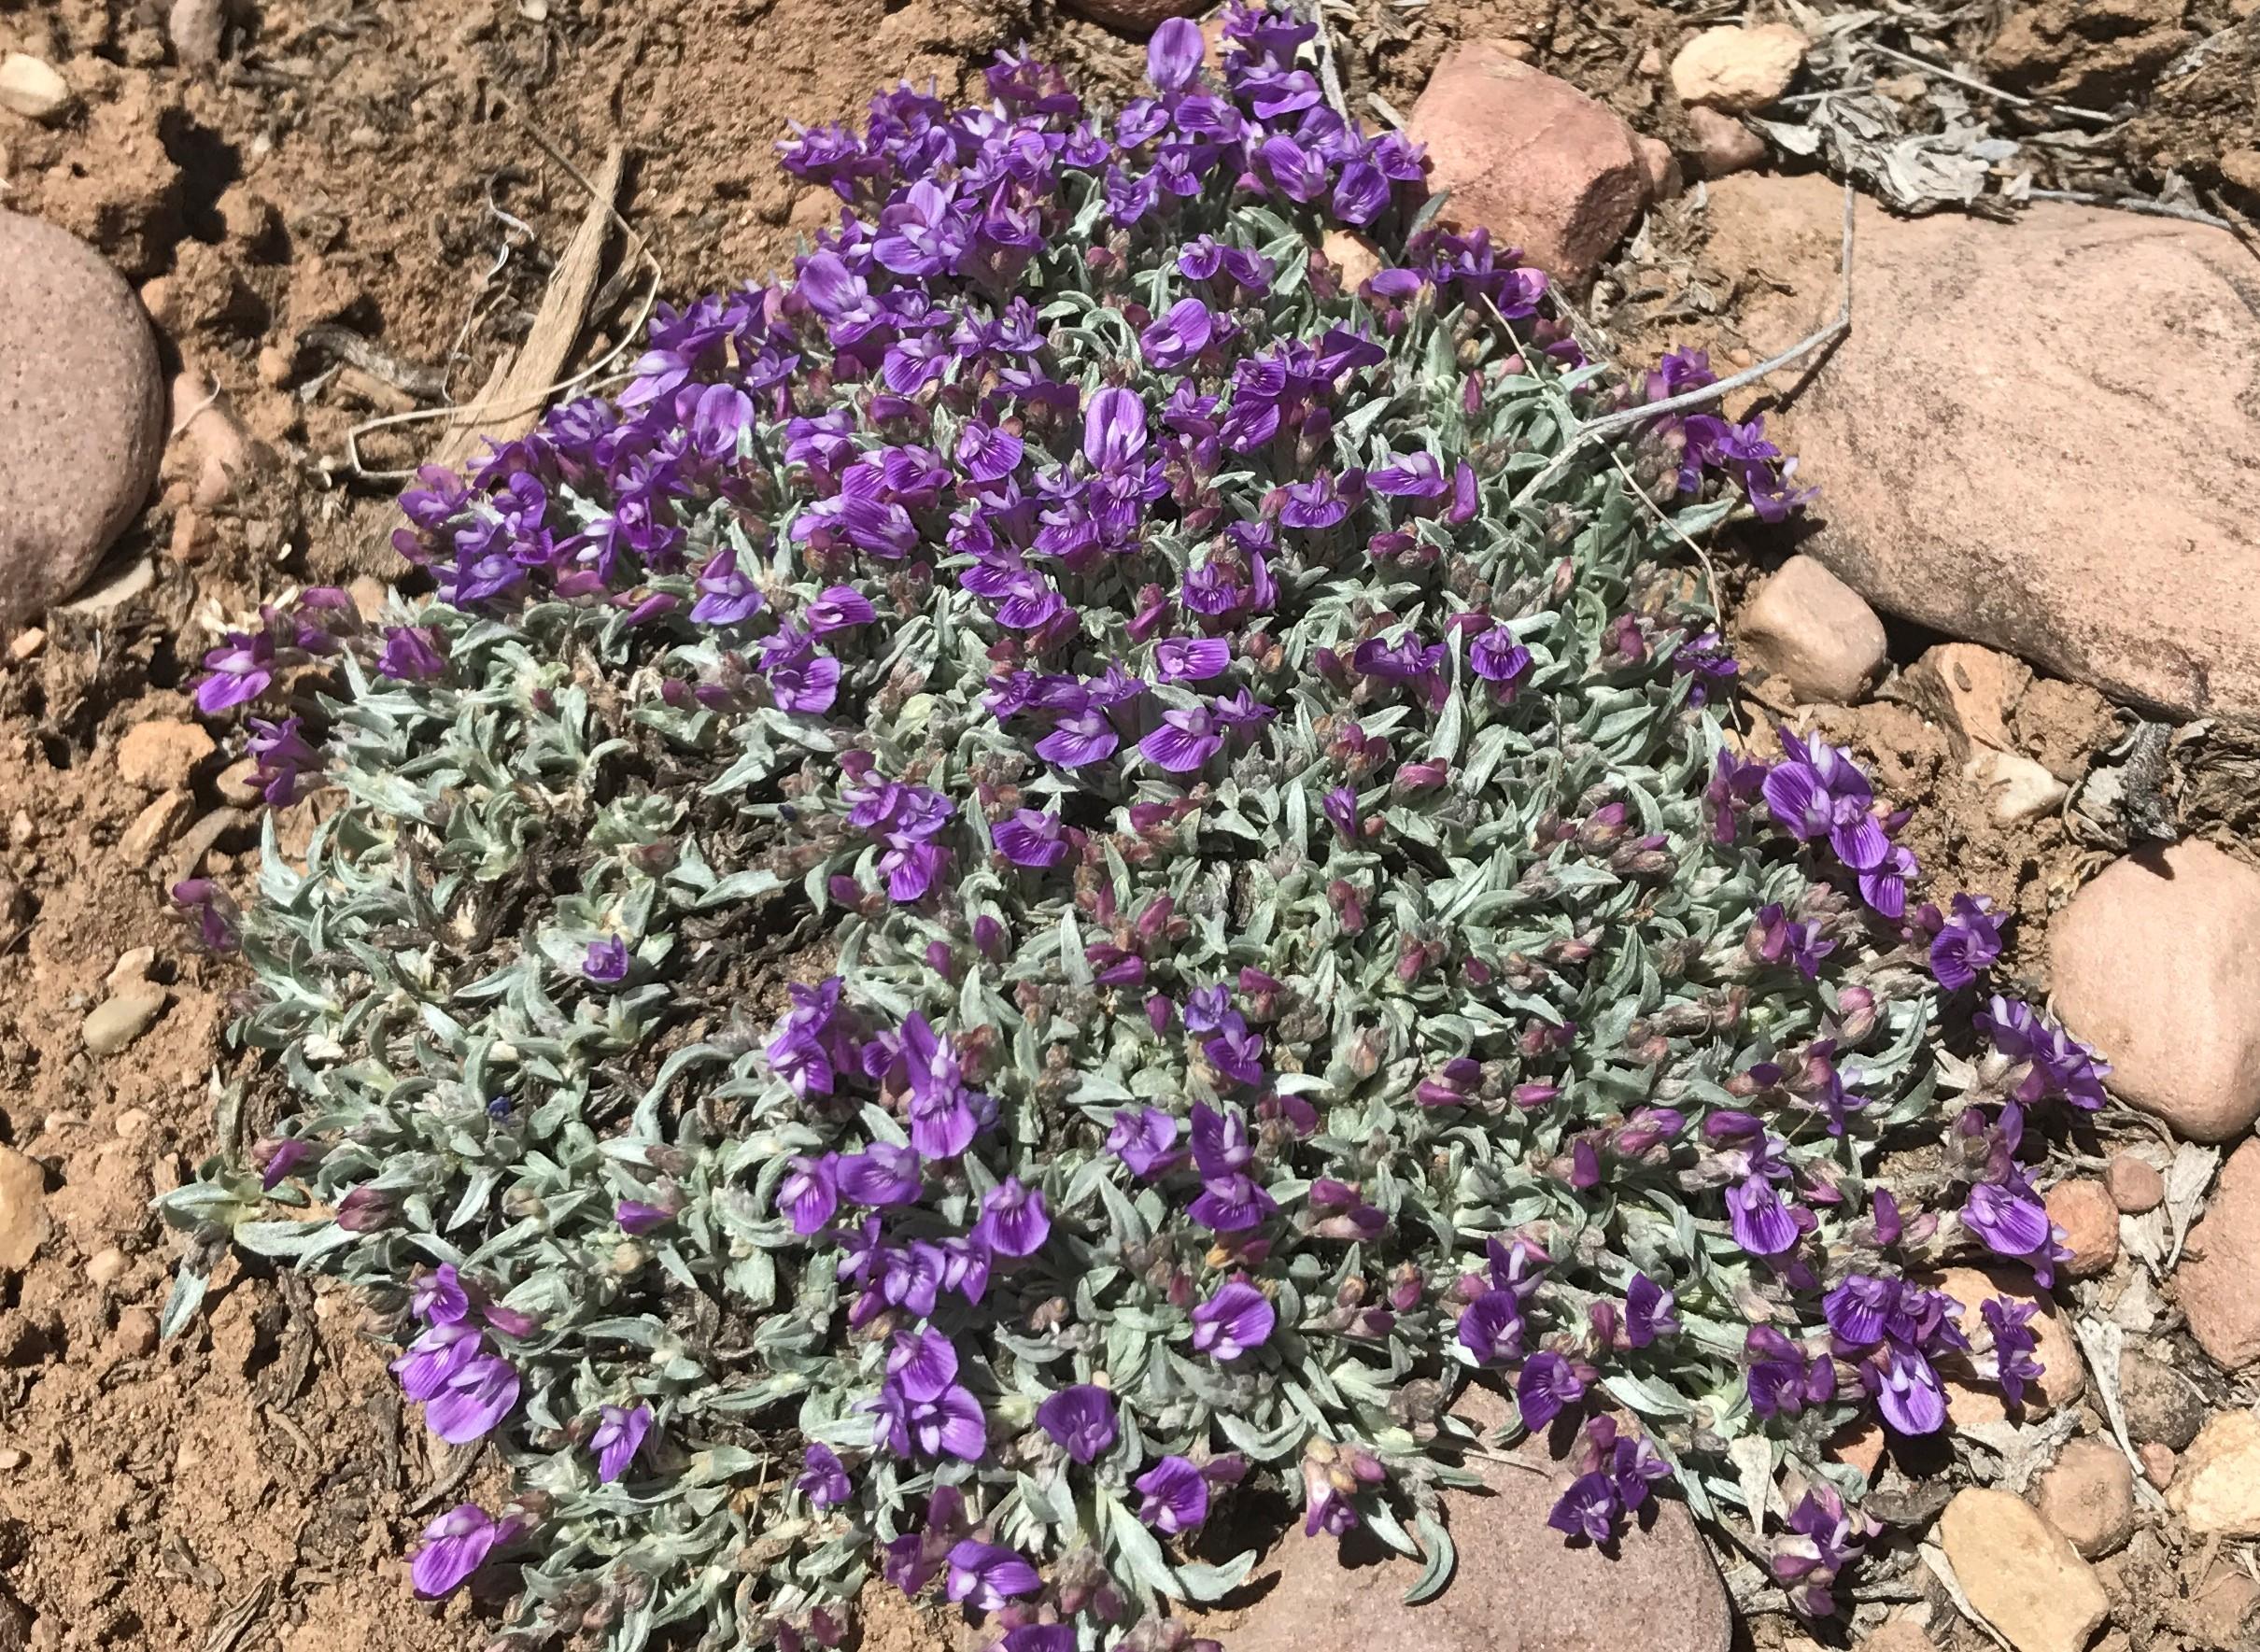 Home of Astragalus drabelliformis